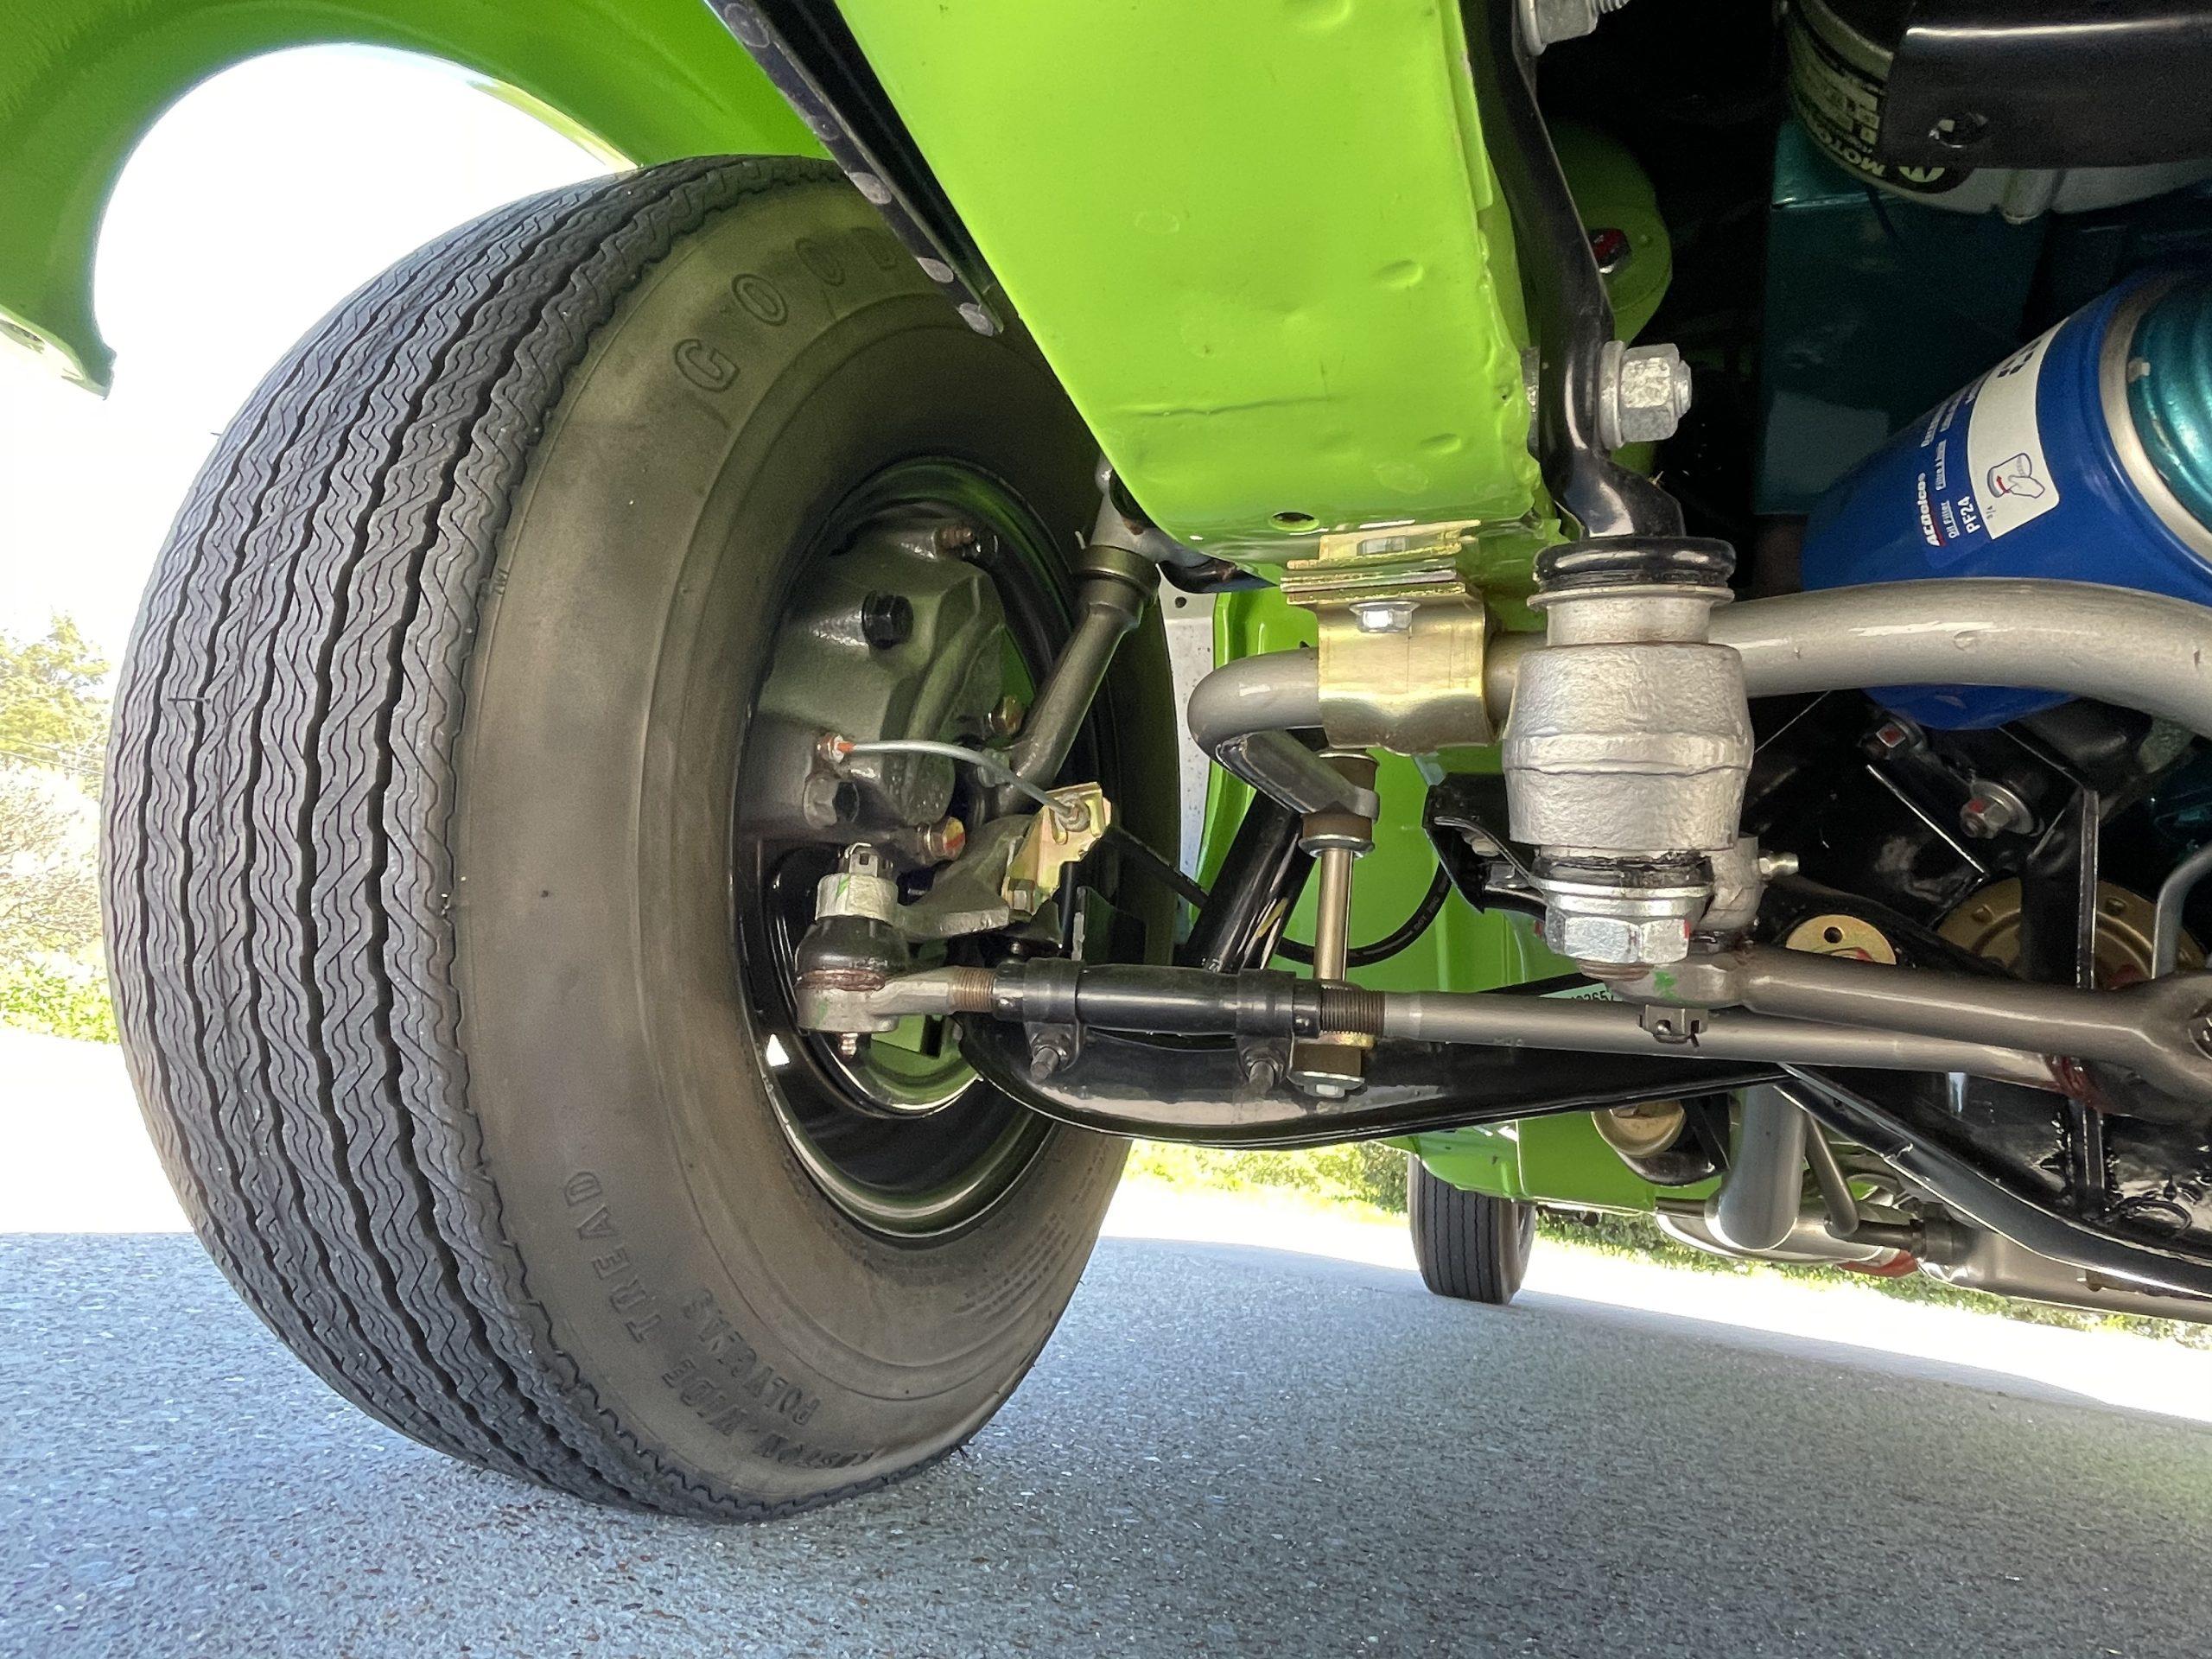 1969-AMC-AMX-California-500-Special suspension